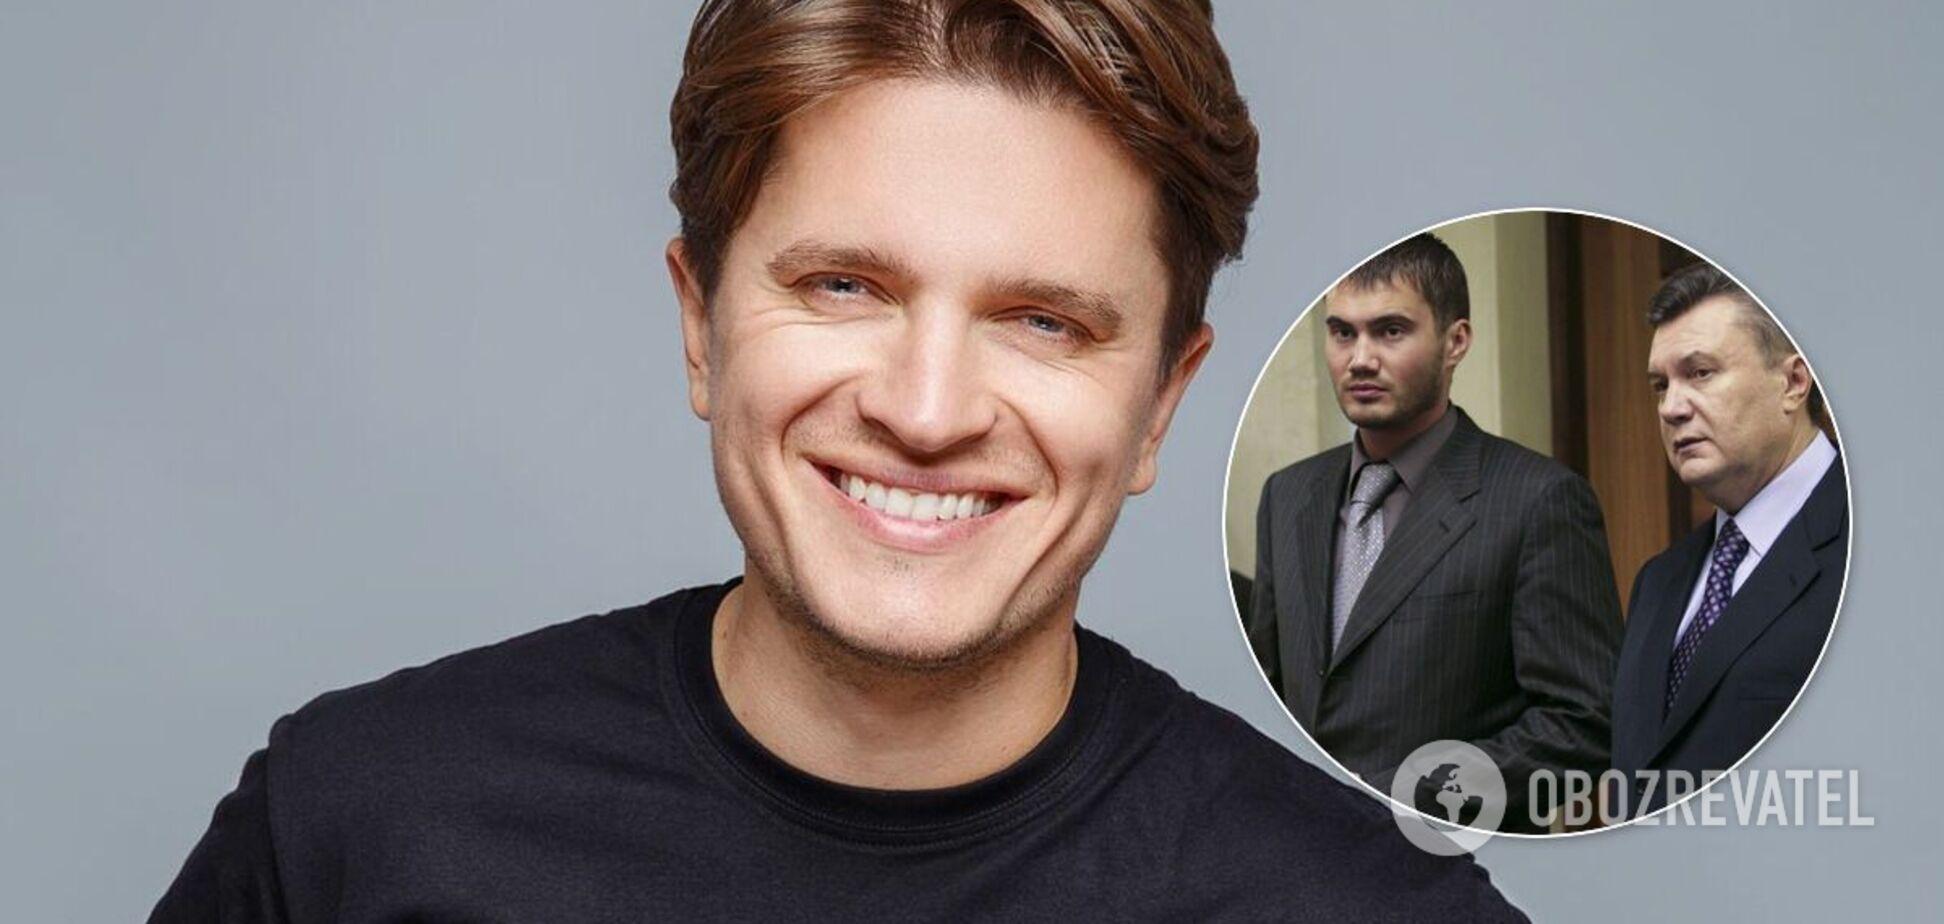 Телеведущий Анатолич откровенно рассказал, как вел корпоратив у сына Януковича